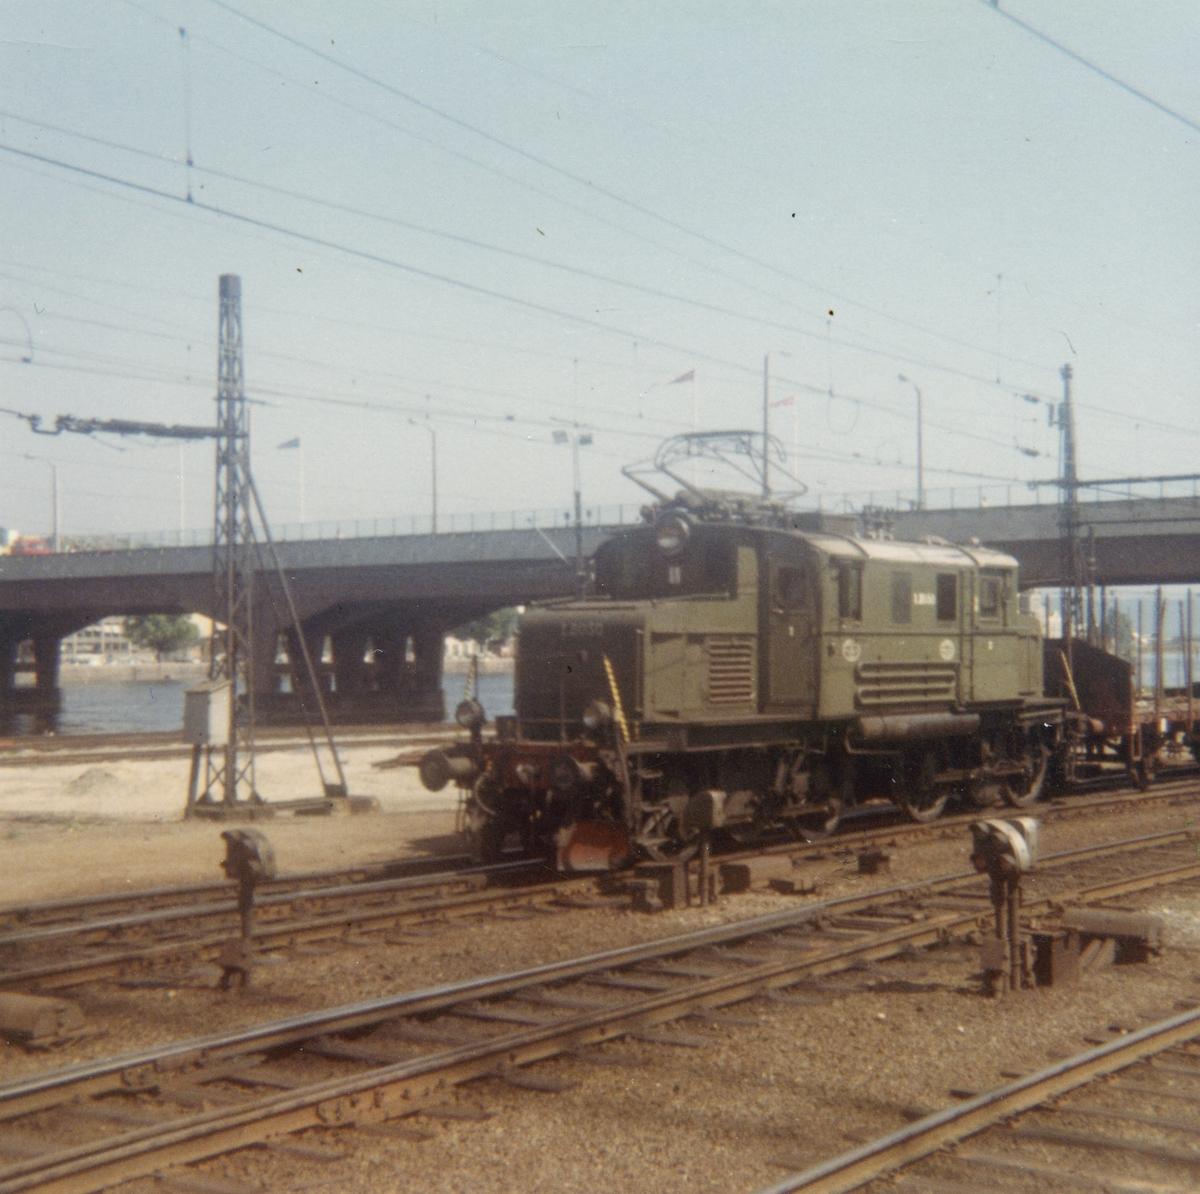 Godstog på Drammen stasjon trukket av elektrisk lokomotiv El 1 2050. Toget er på vei retning Vestfoldbanen eller Sørlandsbanen.